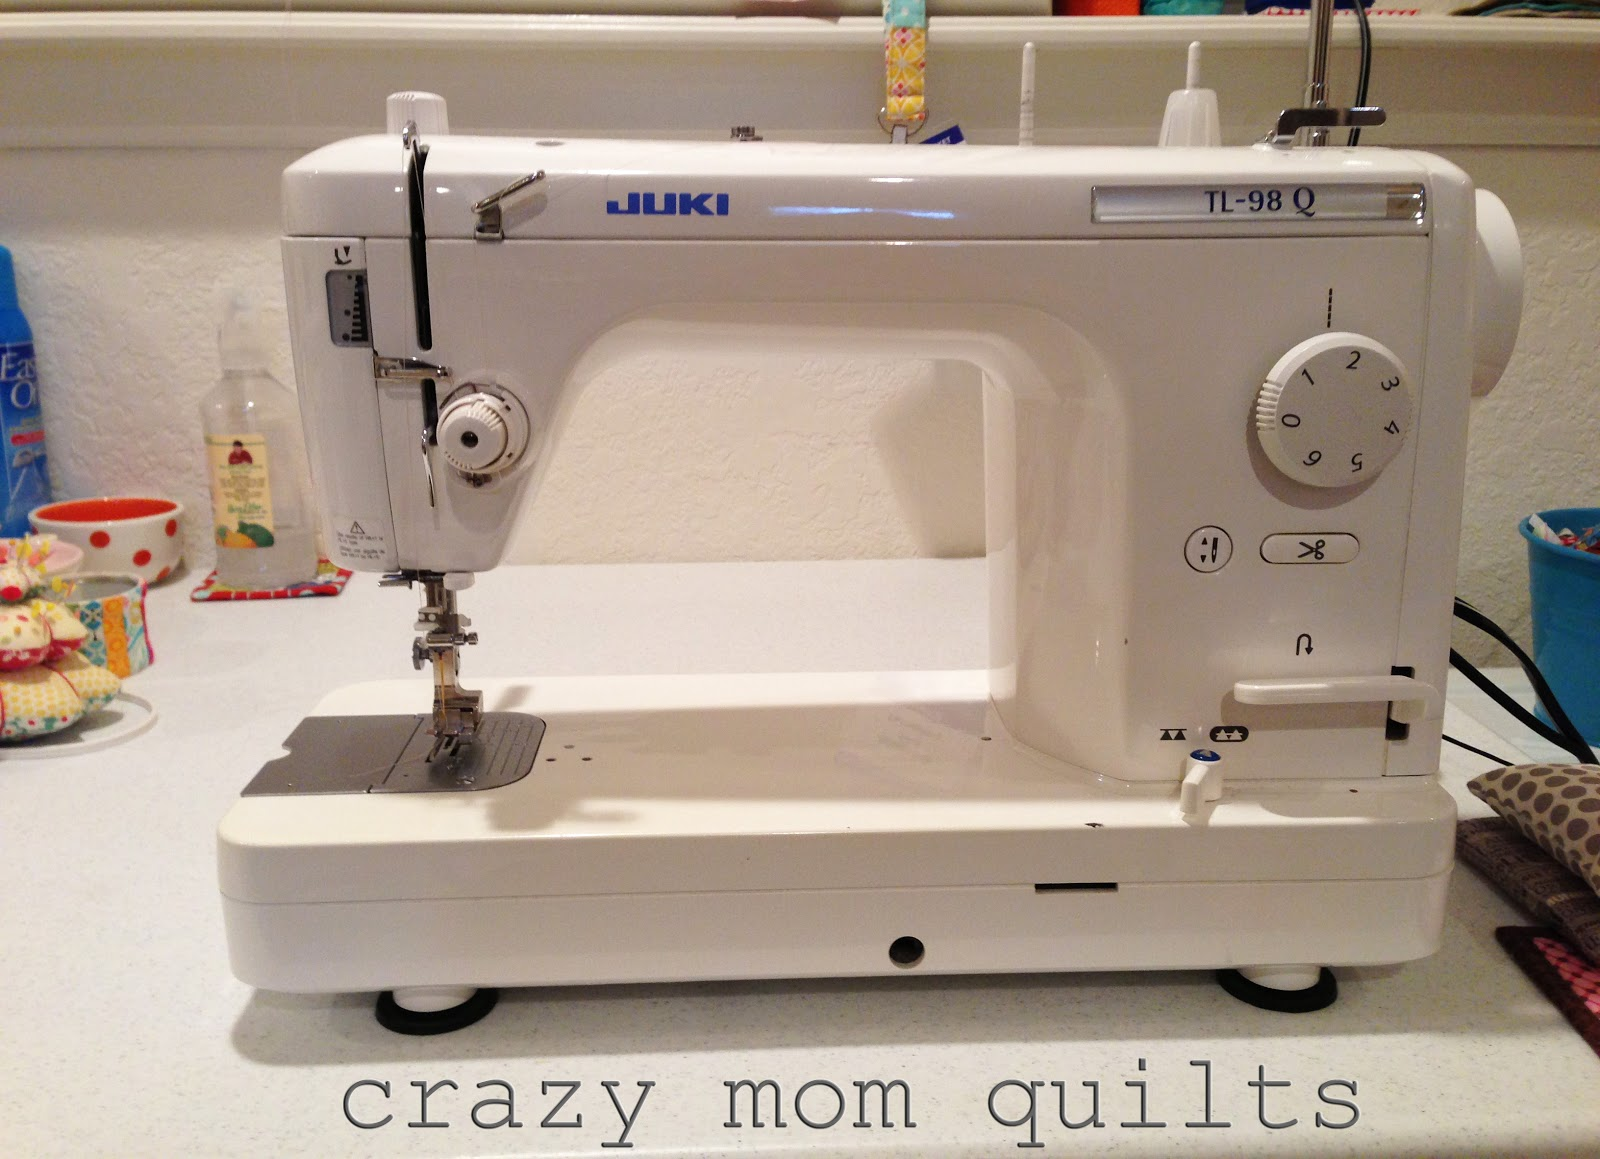 crazy mom quilts: sewing machine rundown